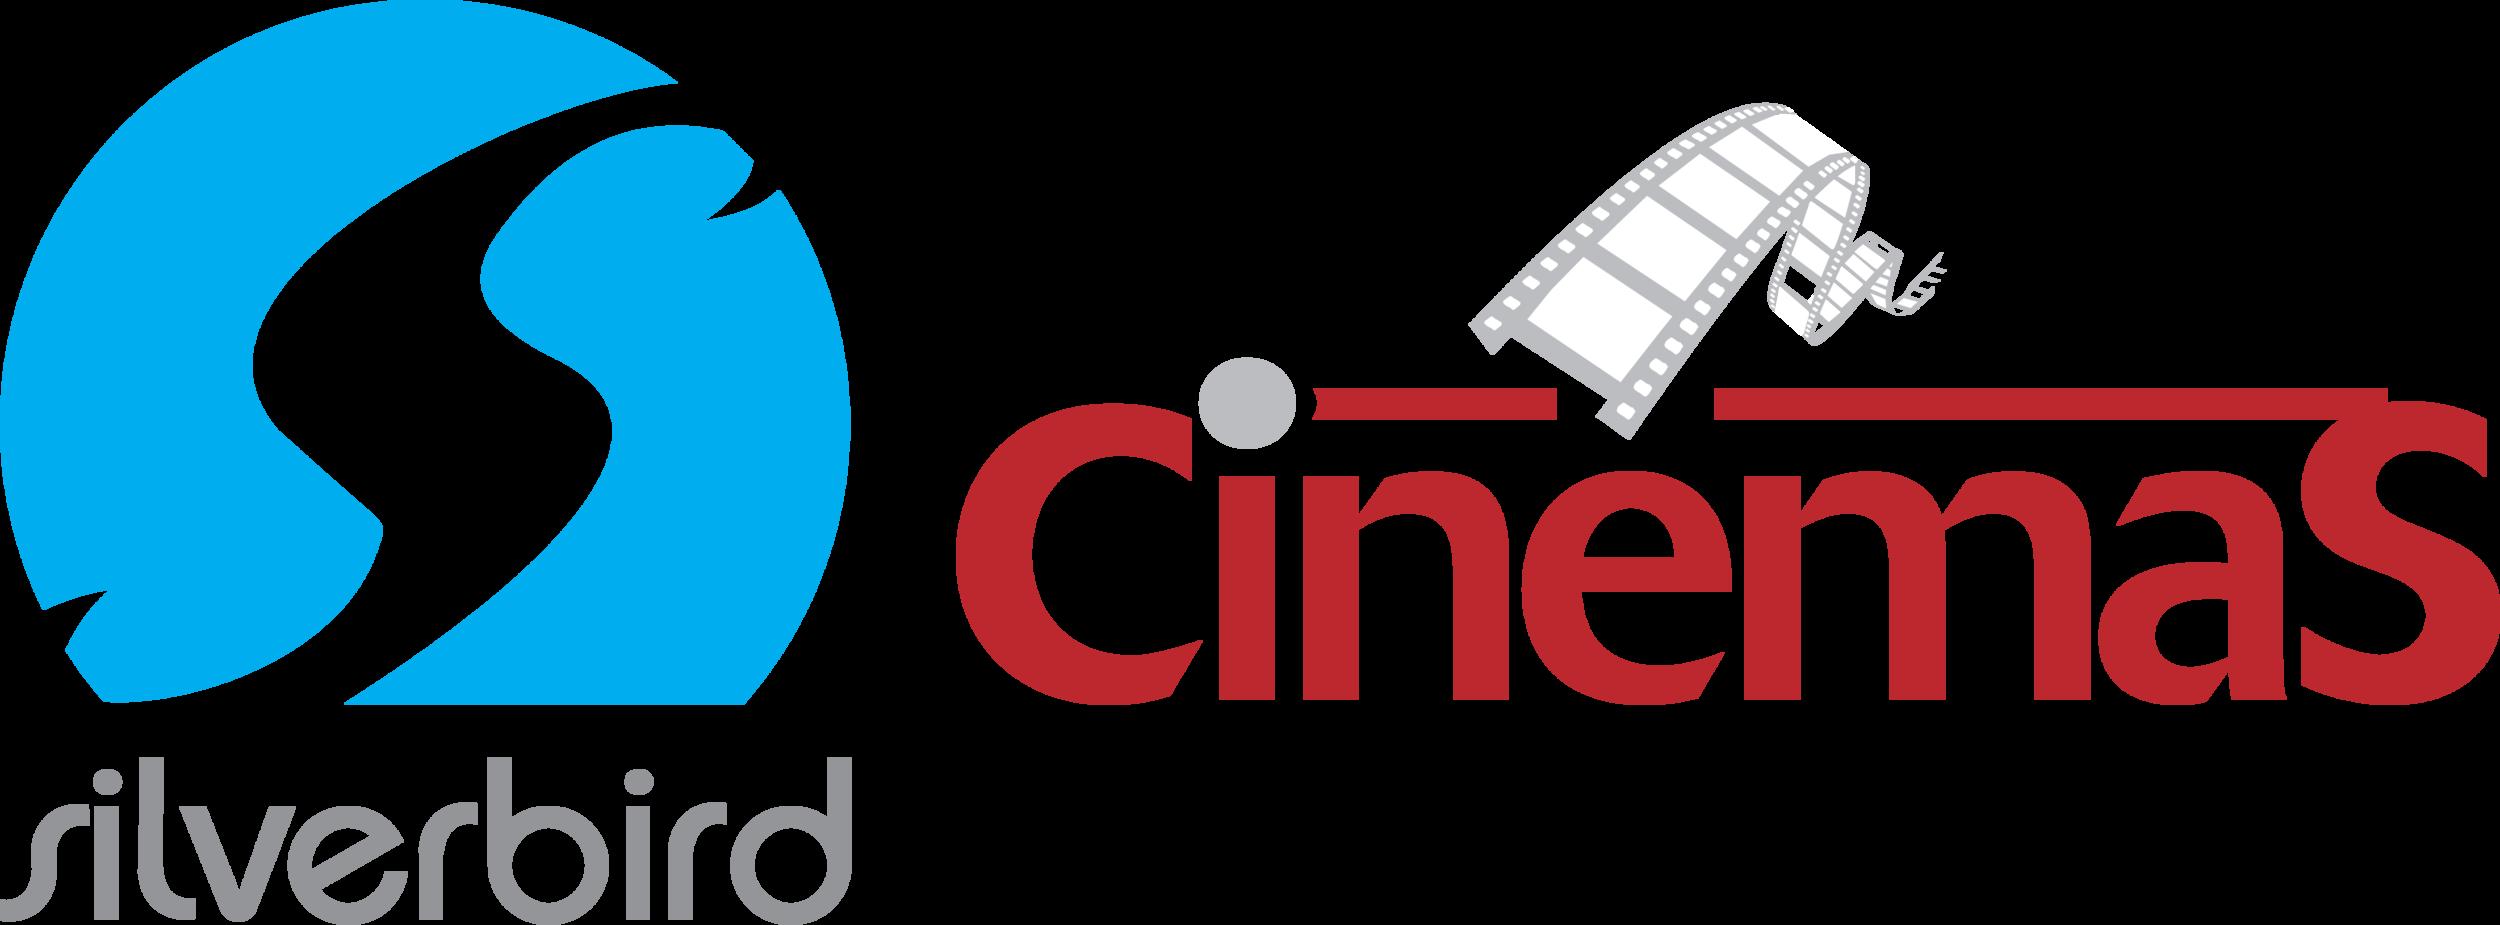 SILVERBIRD CINEMAS LOGO PDF.png